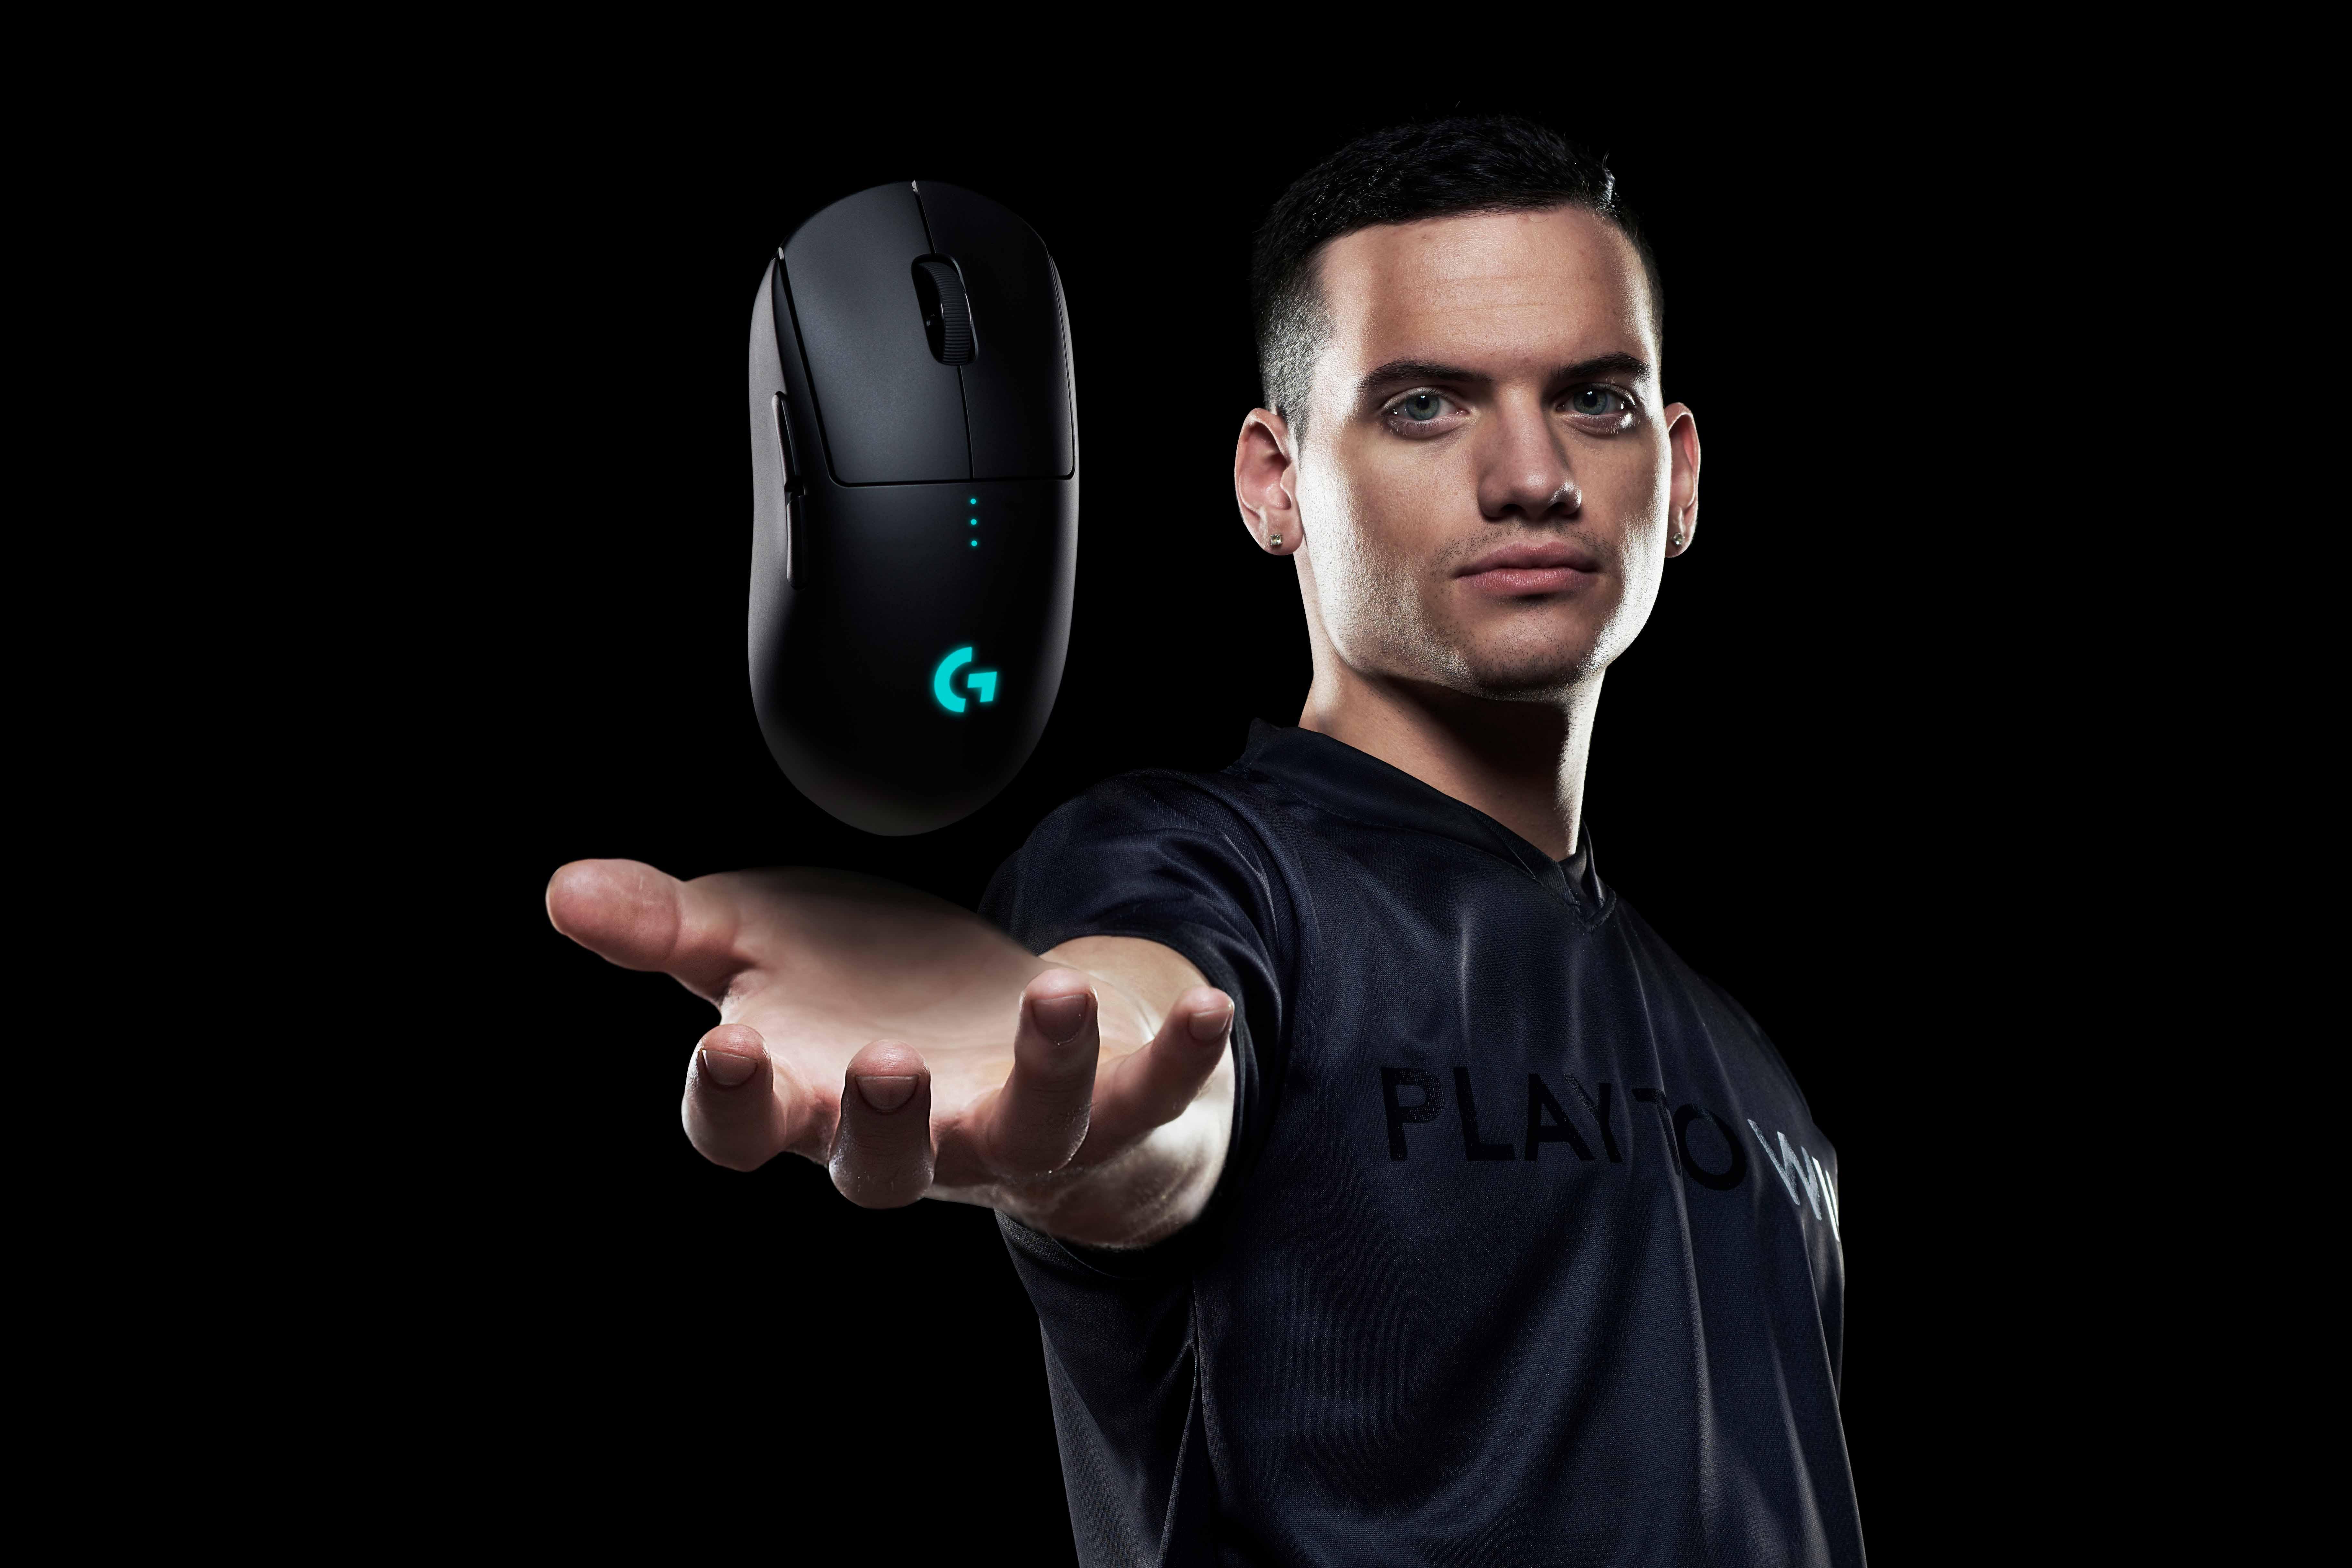 Sjekk ut Logitechs nye G-mus med HERO-sensor